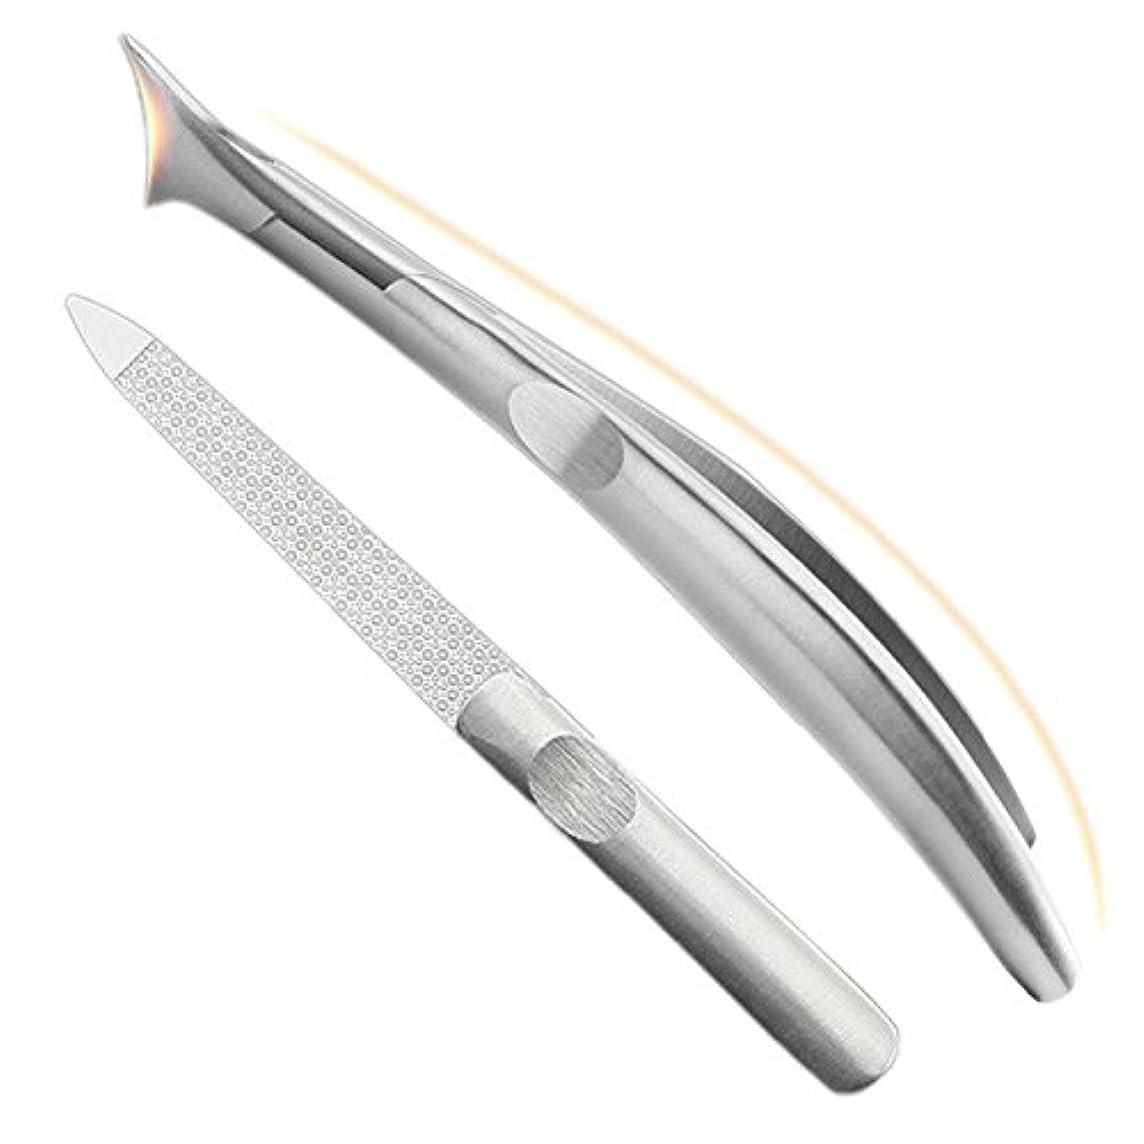 クレア花輪カルシウムBeKitty 2個入りステンレススチール製のトウワイルNipperネイルクリッパーとネイルファイルカッター厚手のペディキュア用具